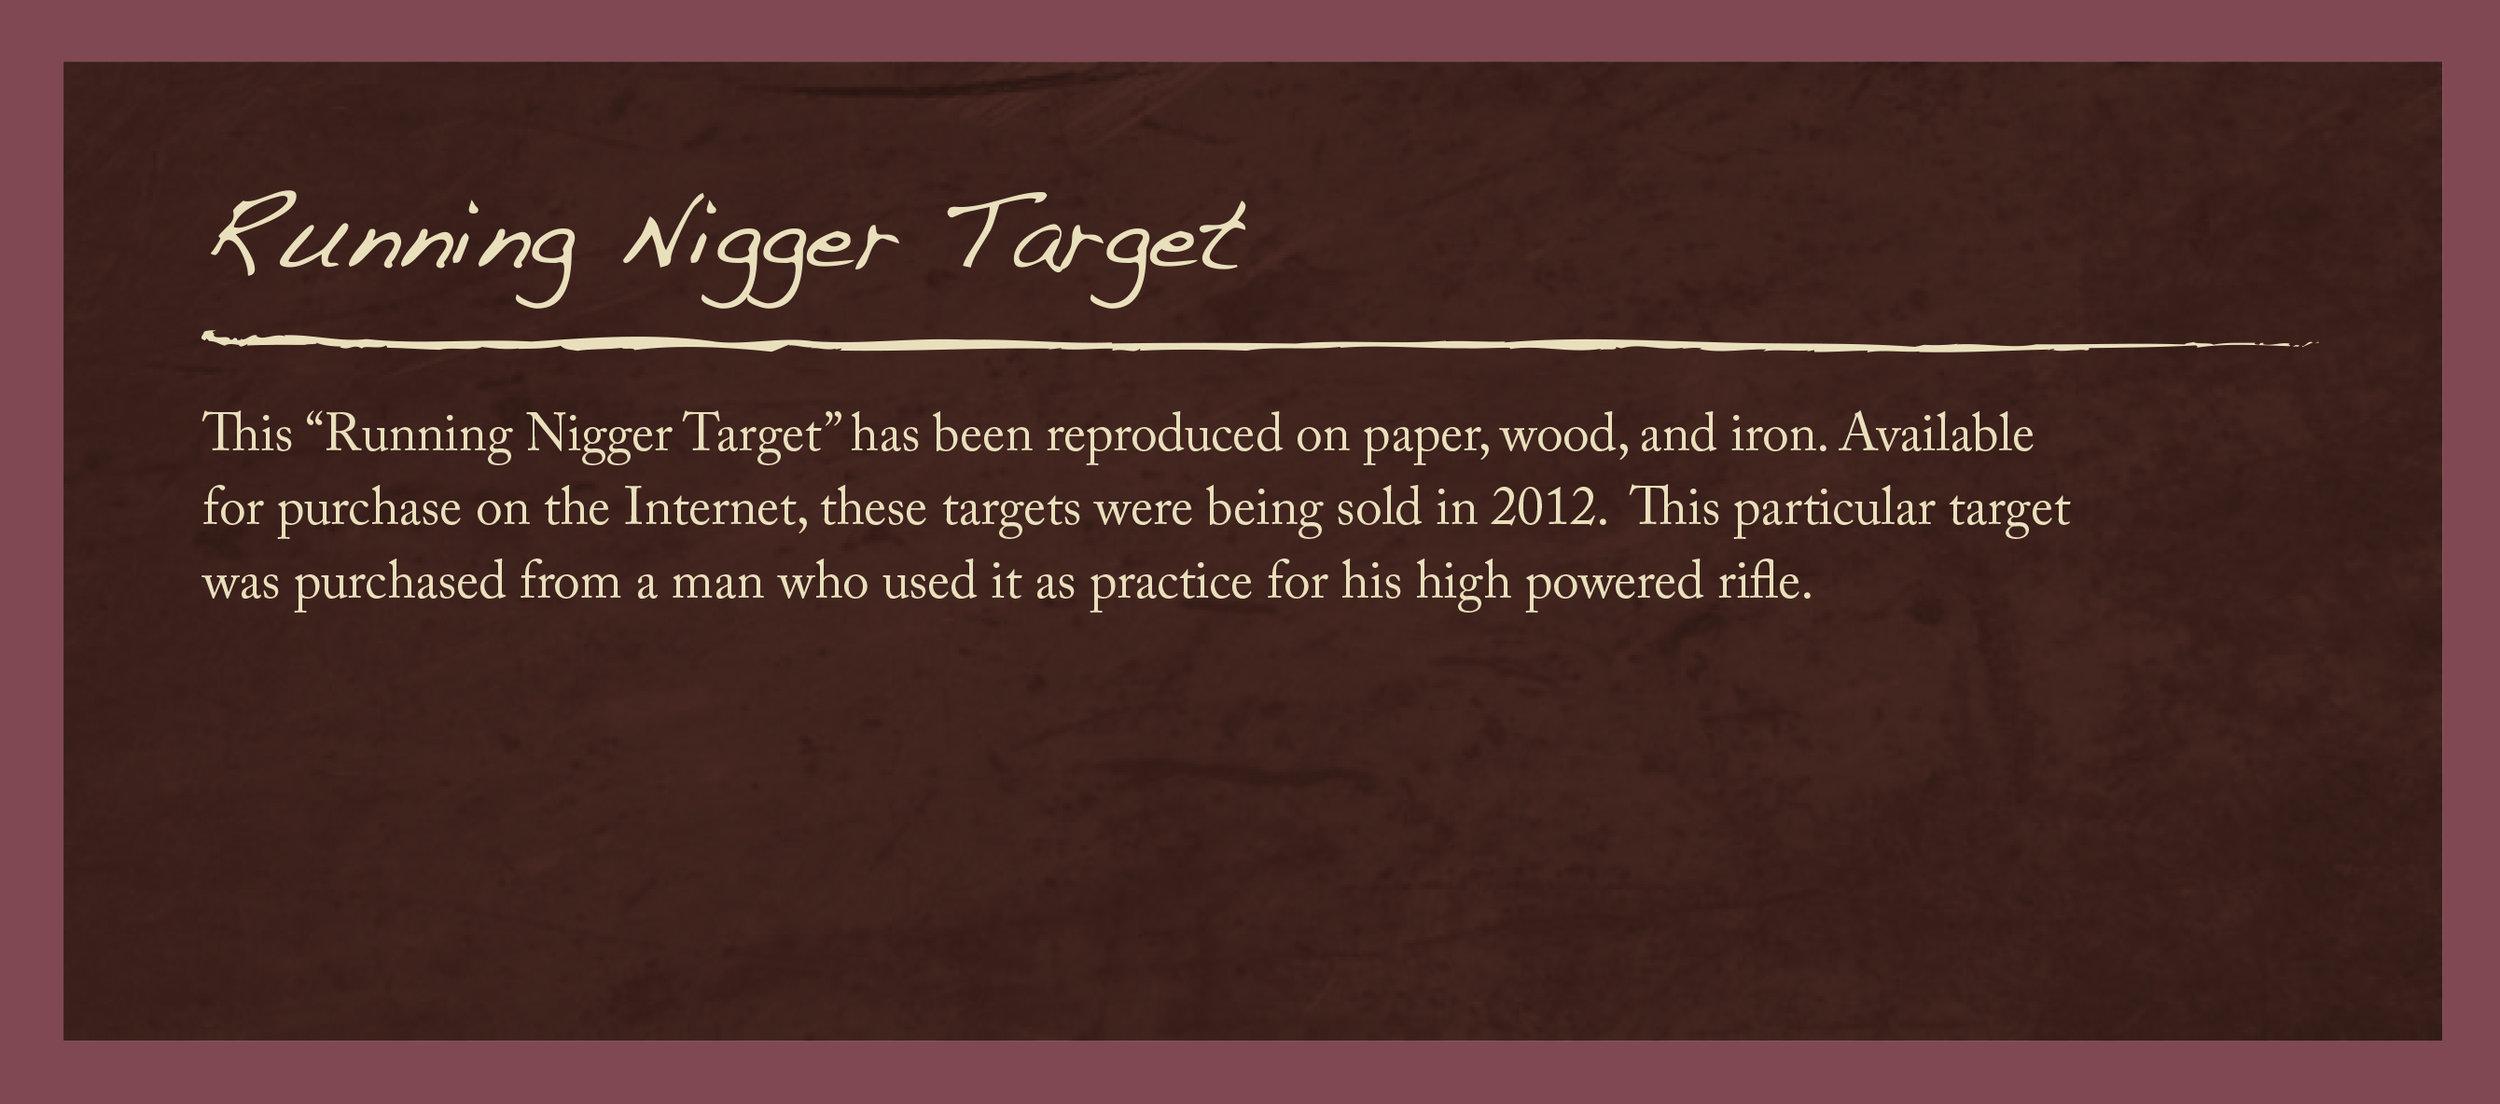 Running Nigger Target.jpg